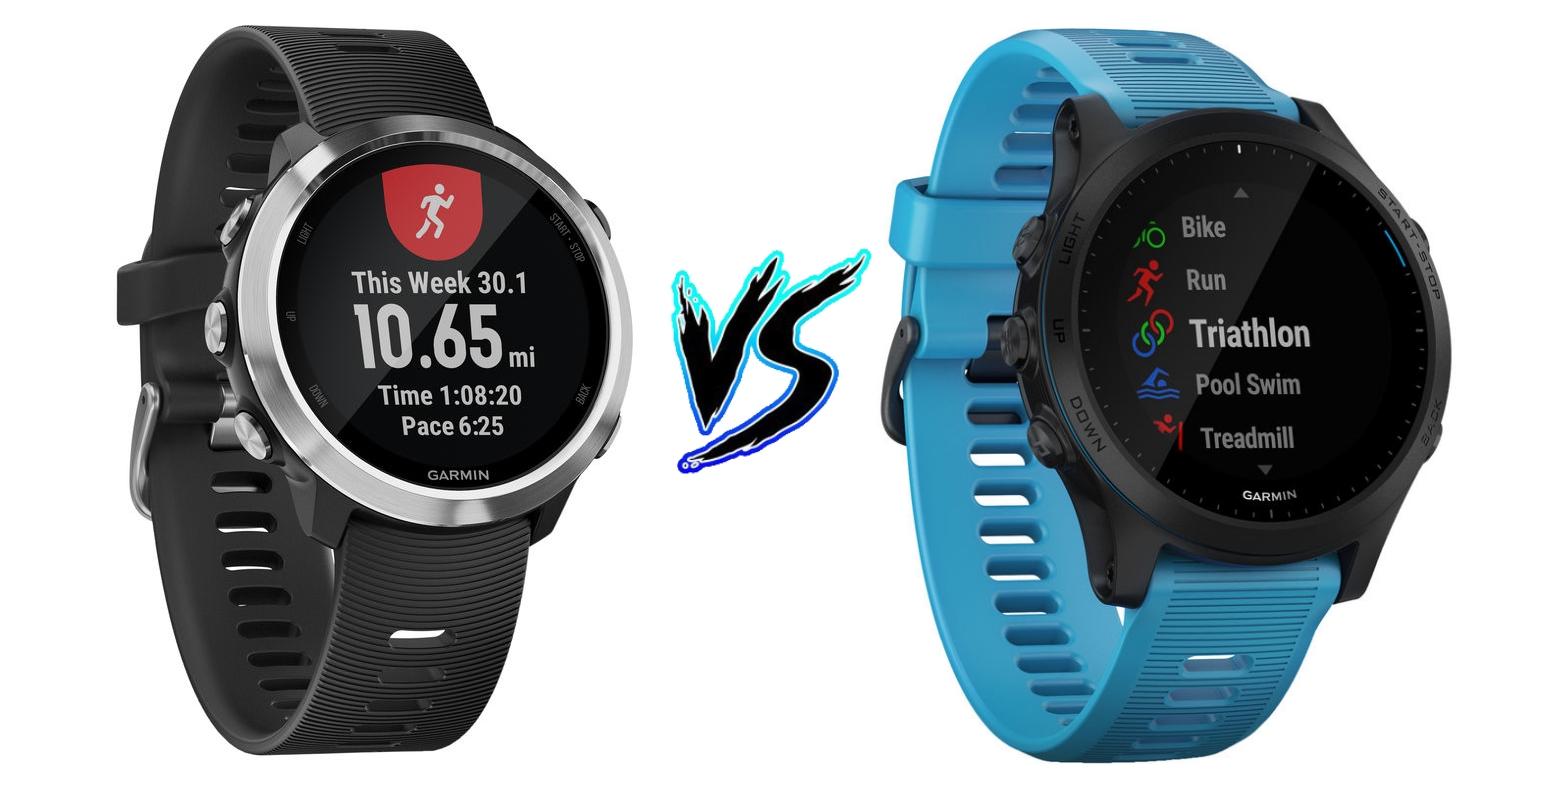 Garmin Forerunner 645 vs Forerunner 945 – Product Comparison